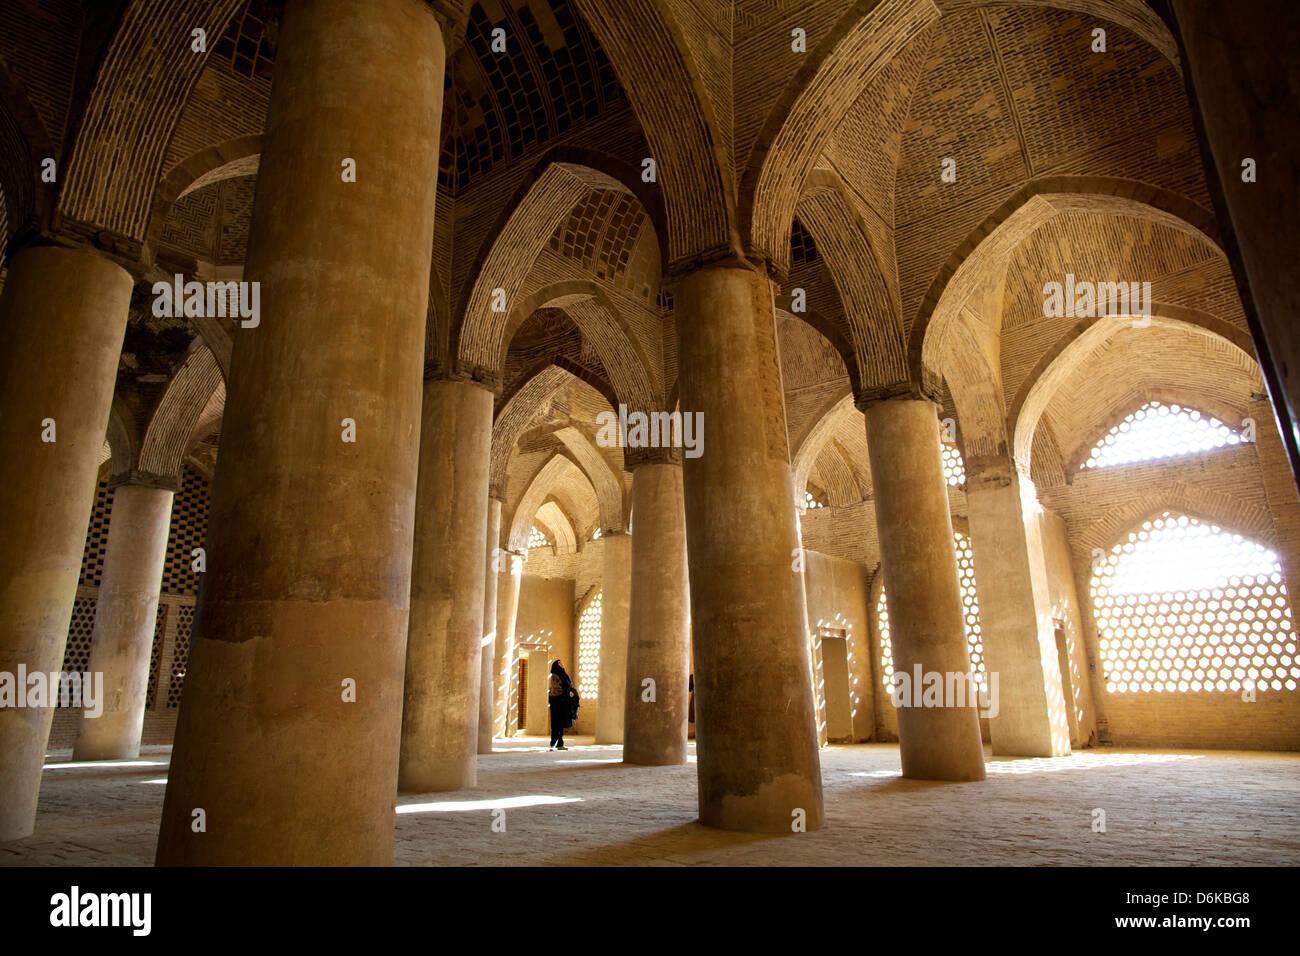 Dans la grande salle des colonnes de la Grande Mosquée, Isfahan, Iran, Moyen-Orient Photo Stock